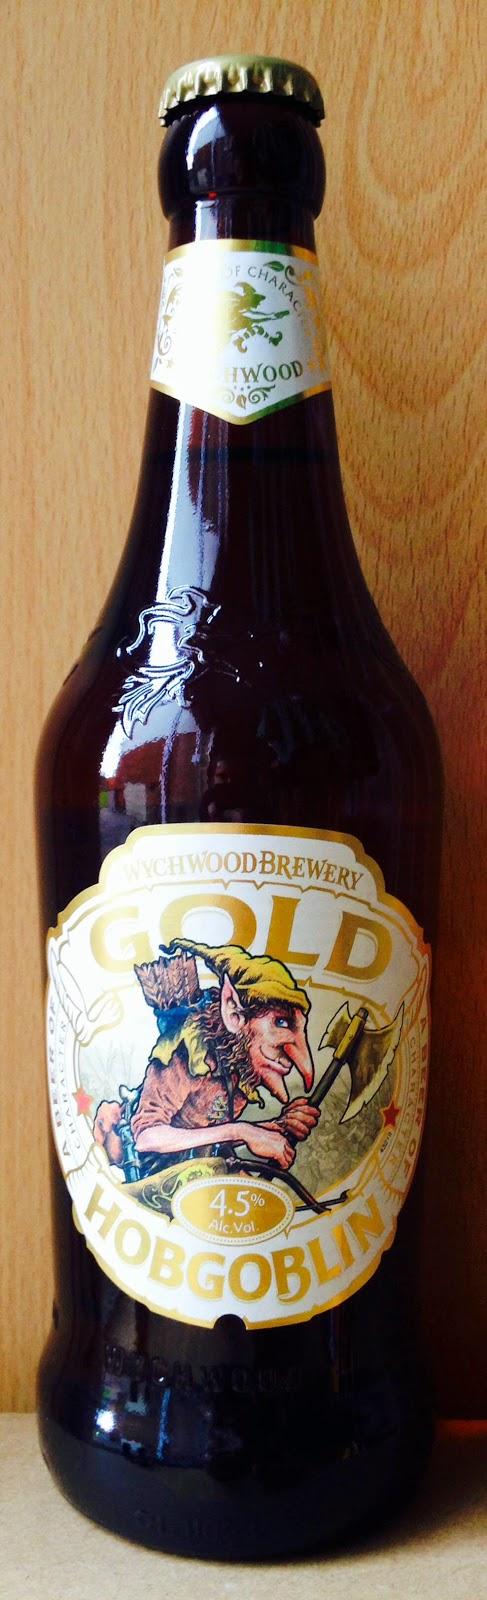 Gold Hobgoblin (Wychwood)